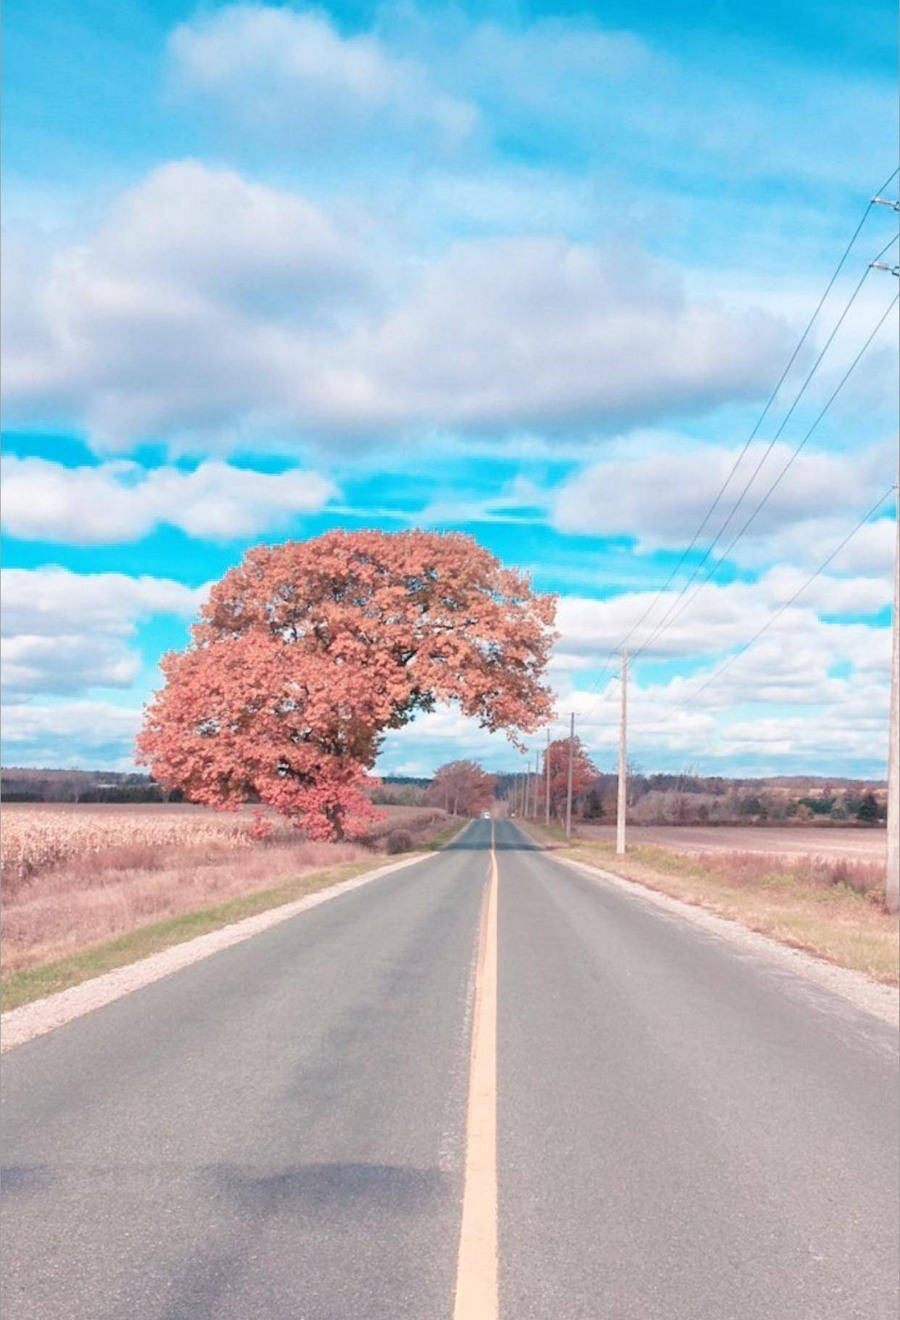 Подборка интересных и веселых картинок 09.11.17